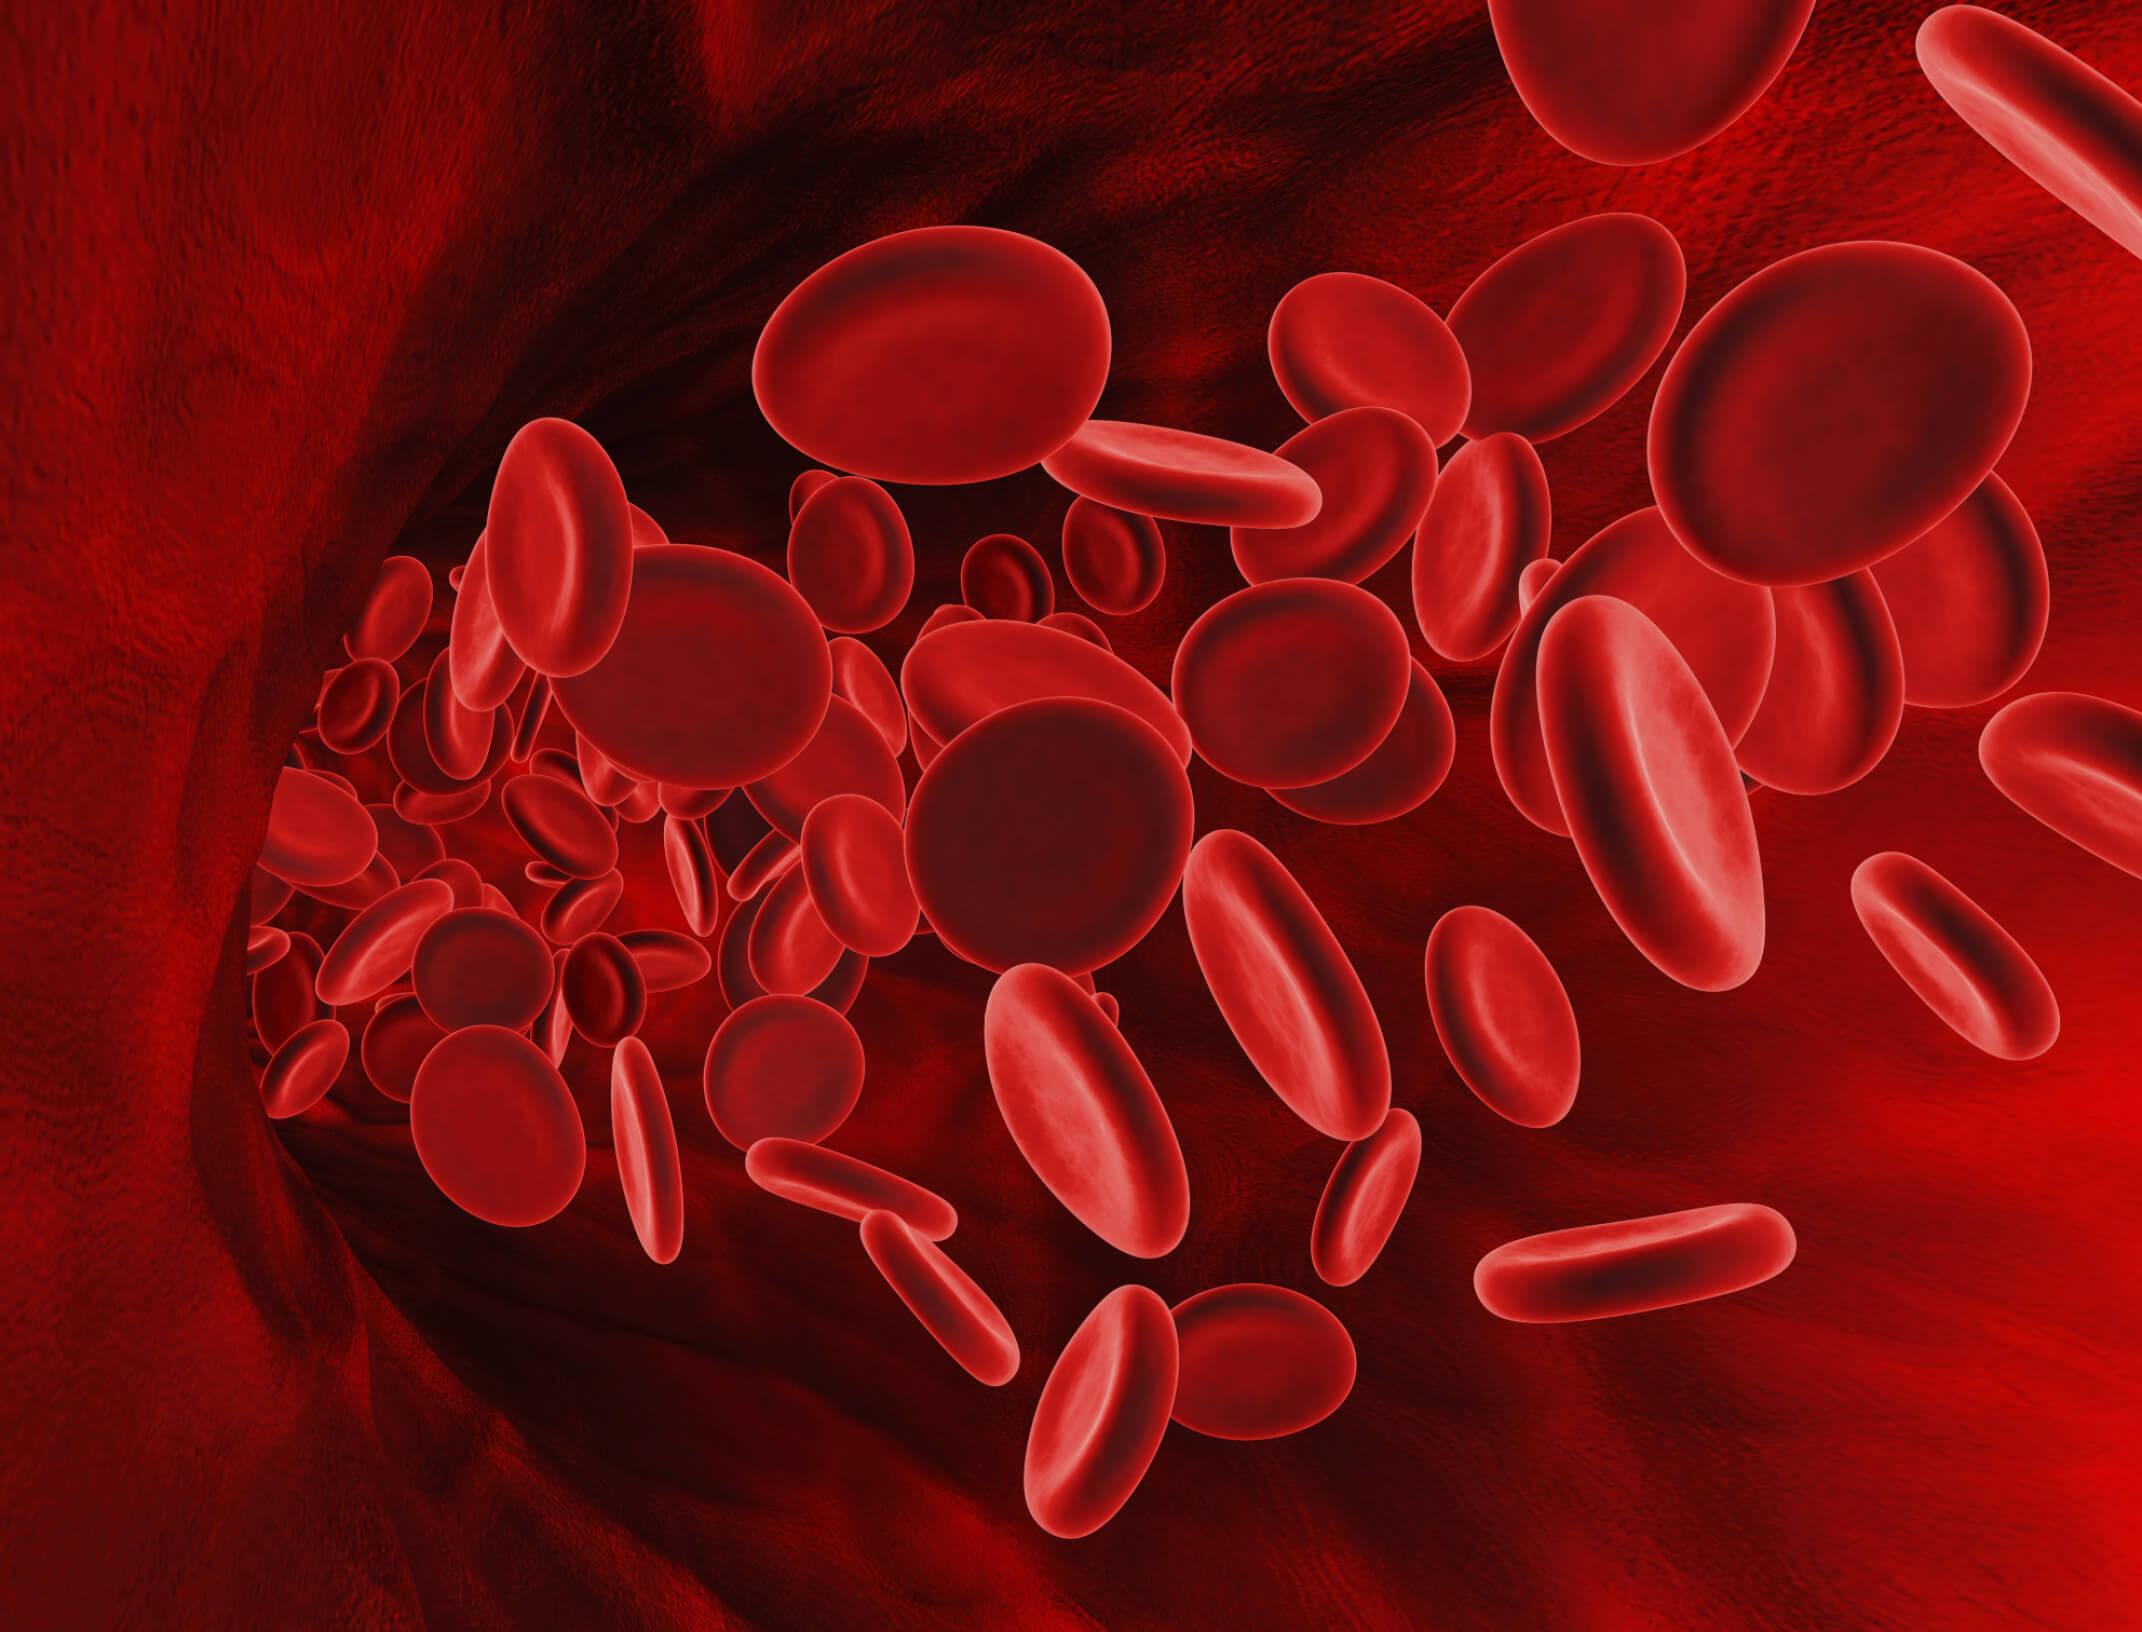 Какие функции выполняют эритроциты, сколько живут и где разрушаются